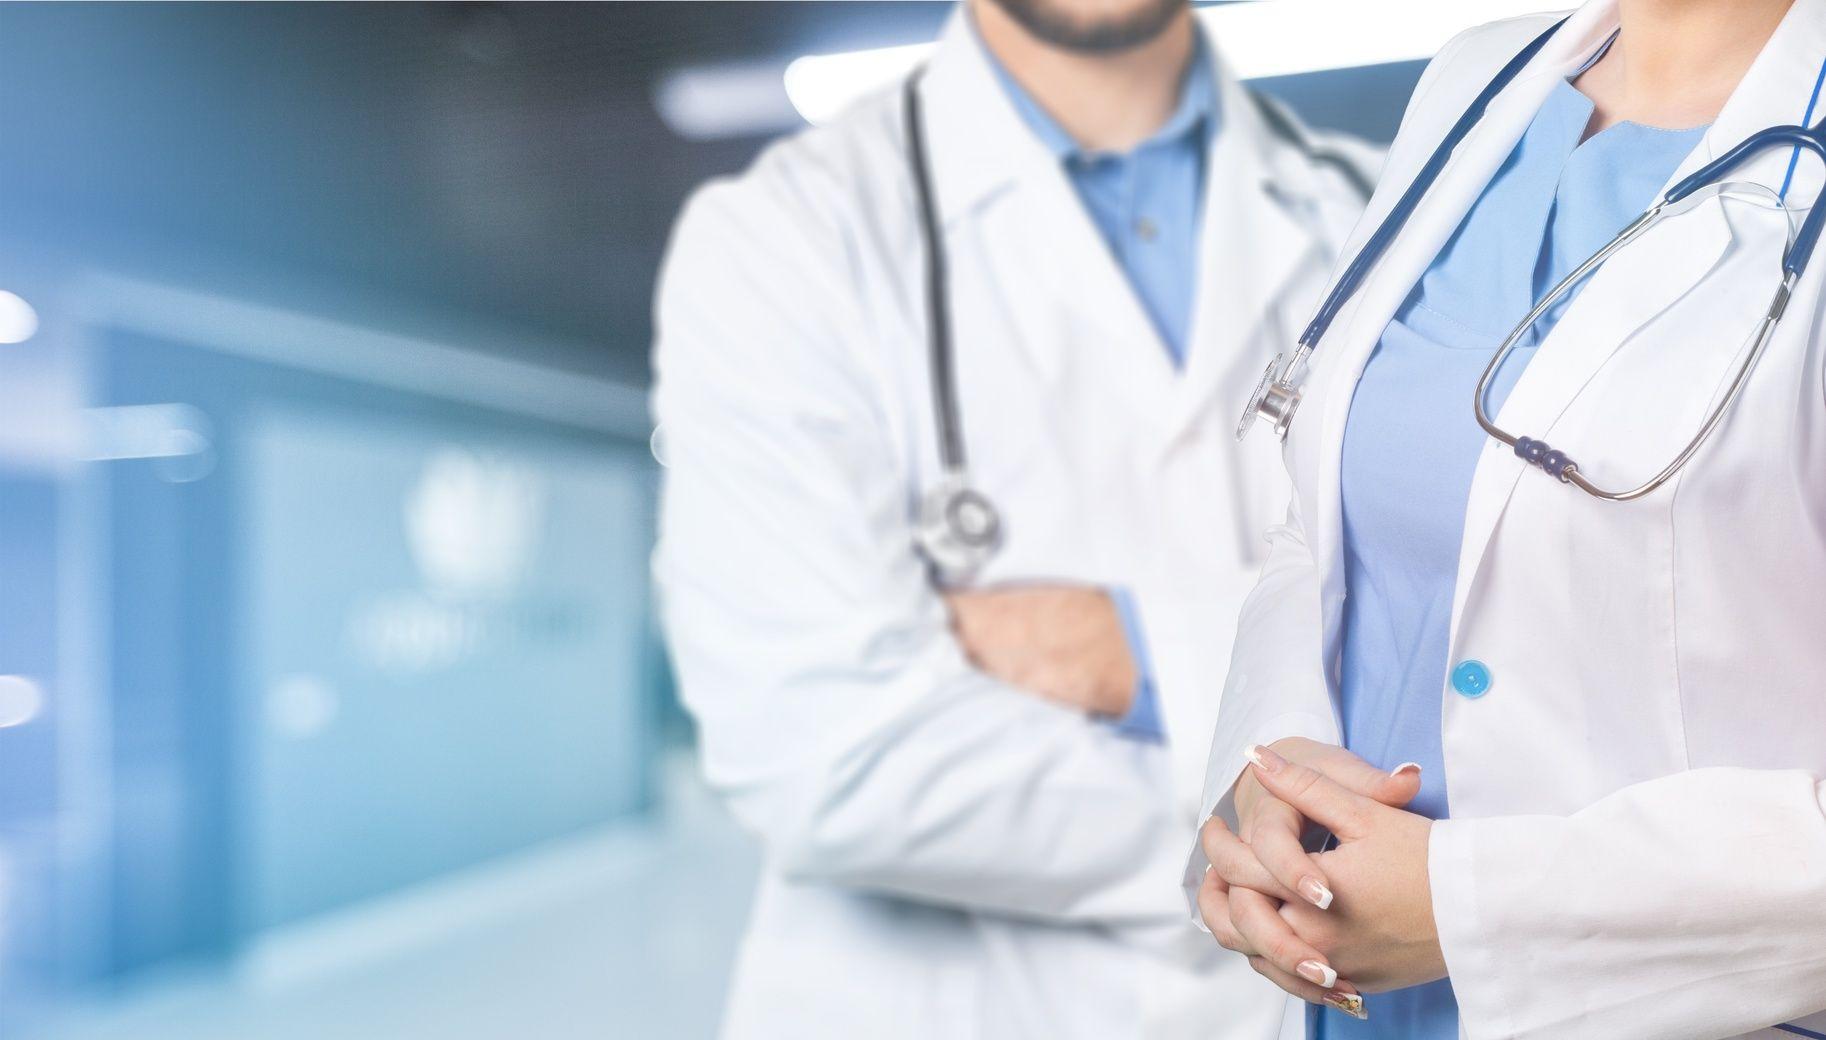 Les ondes Bluetooth et Wifi cancérigènes selon 250 médecins